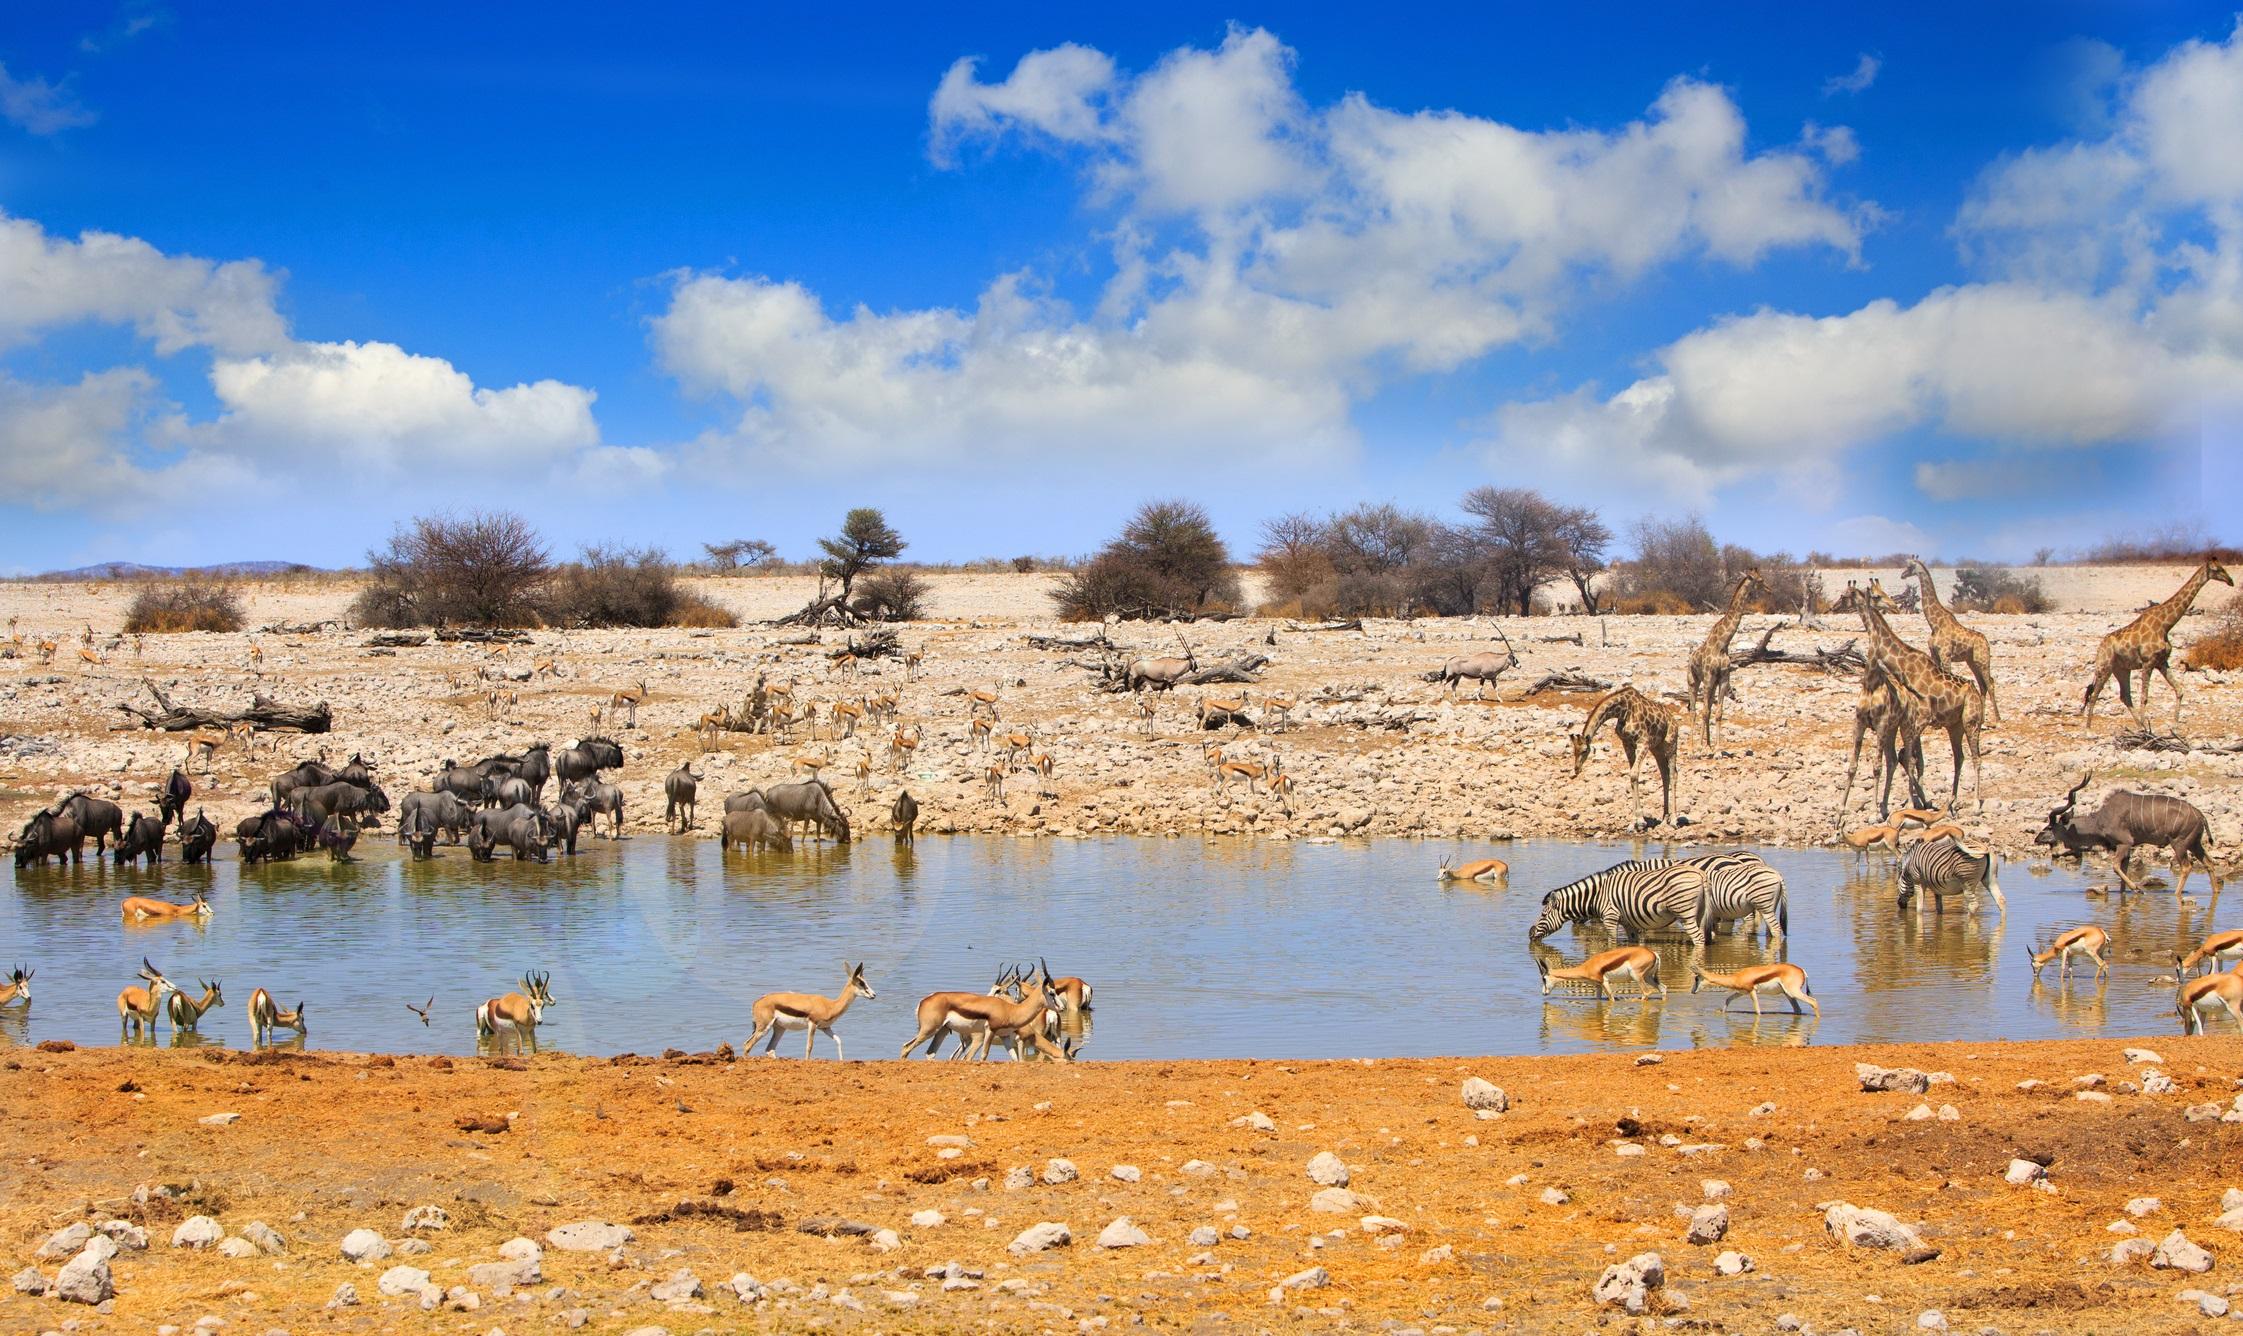 Национален парк Етоша, Намибия<br /> <br /> Докато Намибия отстъпва на съседните си страни, които могат да предложат гъста дива природа, тя предлага прекрасни наблюдения на пустинни видове, както и може би най-добрия шанс да бъде наблюдаван емблематичния гепард в действие. Без съмнение национален парк Етоша е звездата, но е доста посещаван по време на сухия сезон (от юли до септември), когато дивата природа се концентрира около малките водни басейни. Достъпни лагери и добре поддържани пътеки позволяват сами да шофирате по време на сафарито, а около осветени водни басейни имате отлична възможност за нощно наблюдение на лъвове, хиени и дори черен носорог.